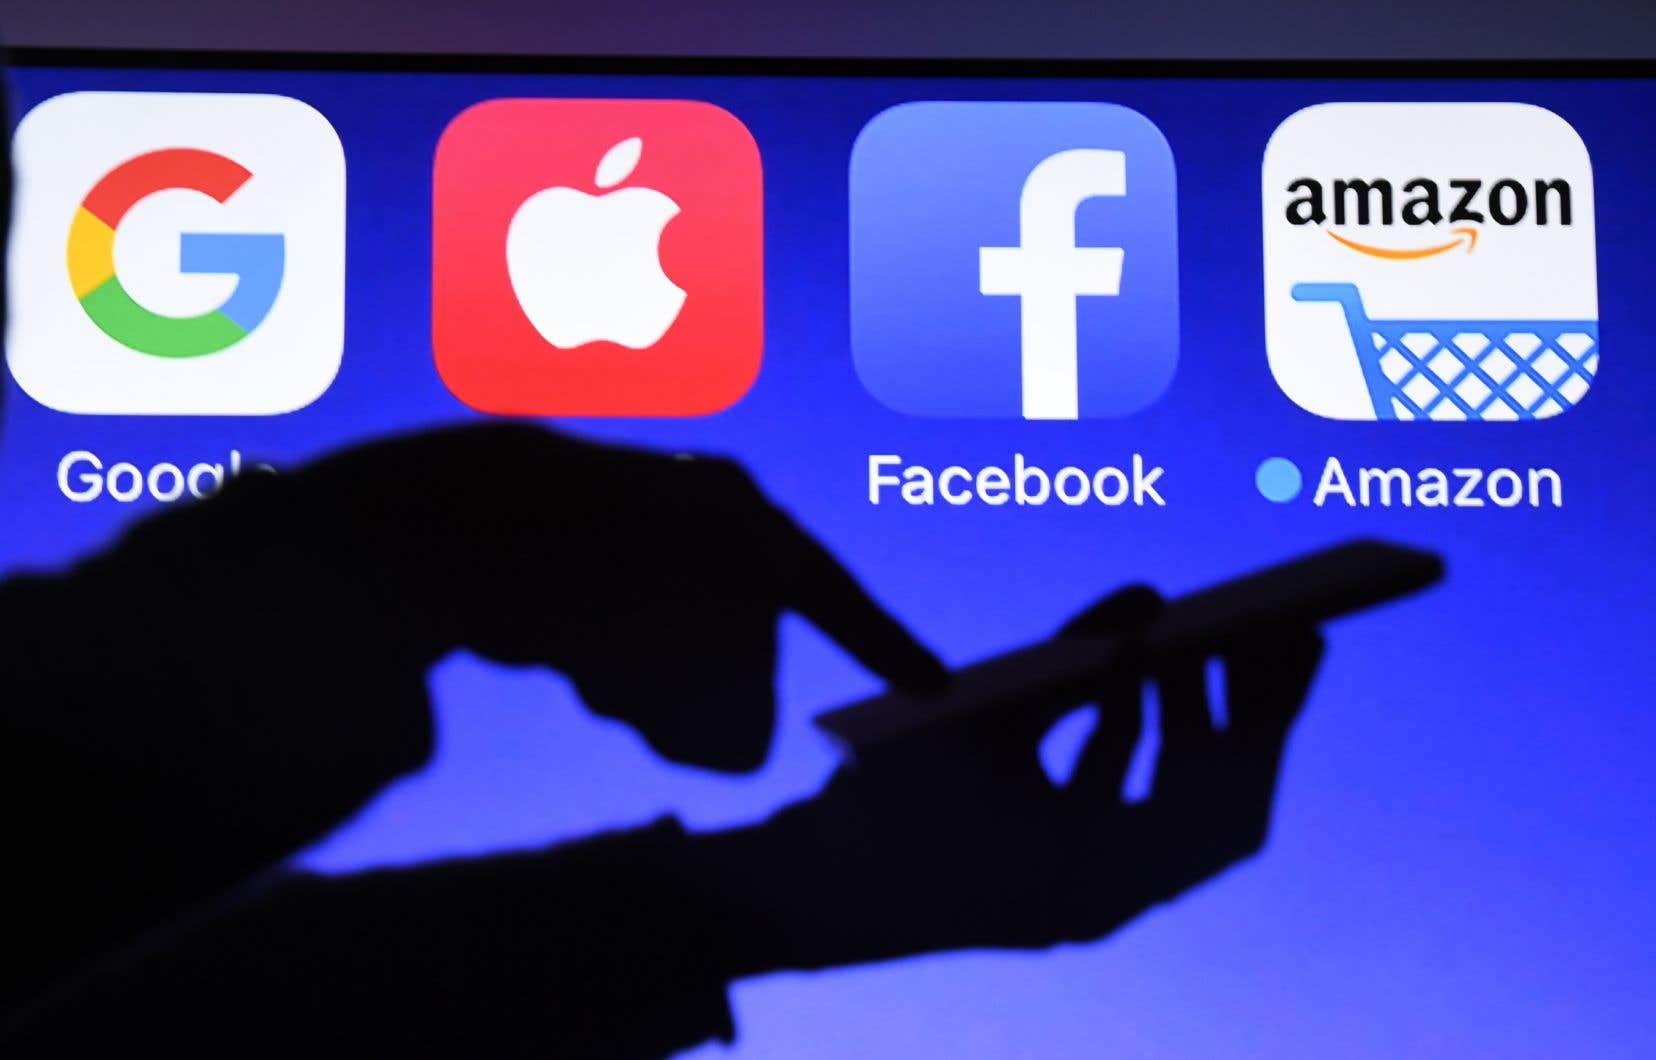 L'annonce de la Federal Trade Commission survient alors que s'intensifient, aux États-Unis et dans le monde, les débats sur les géants du secteur comme Google, Facebook ou Amazon, accusés d'être trop puissants.